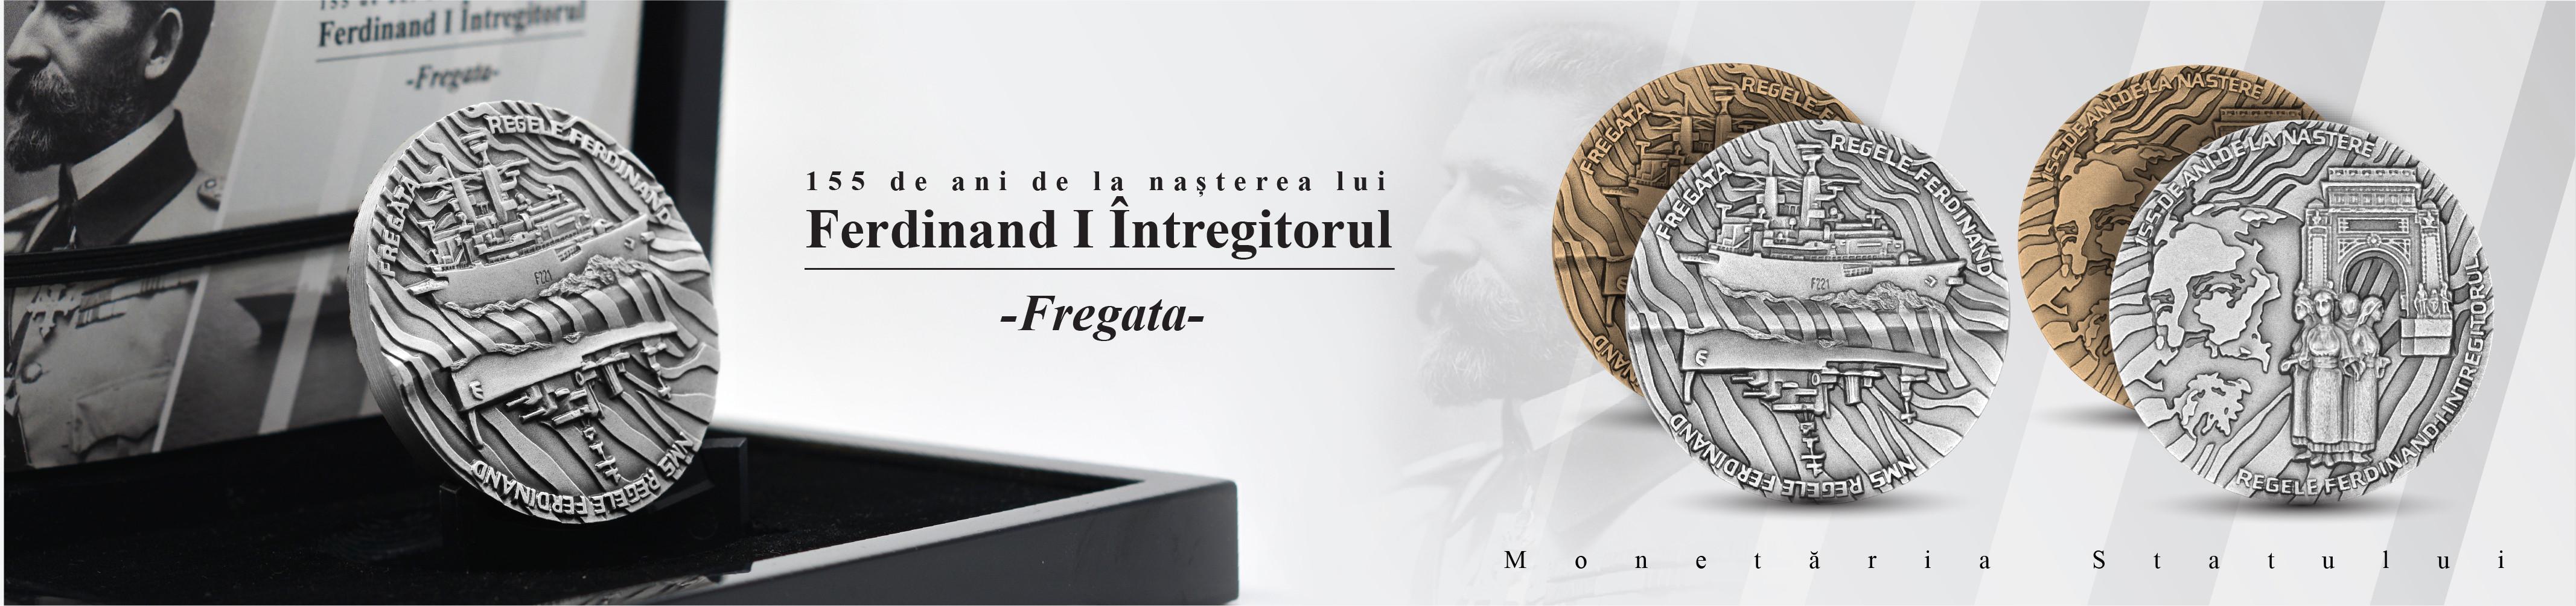 Fregata Ferdinand I